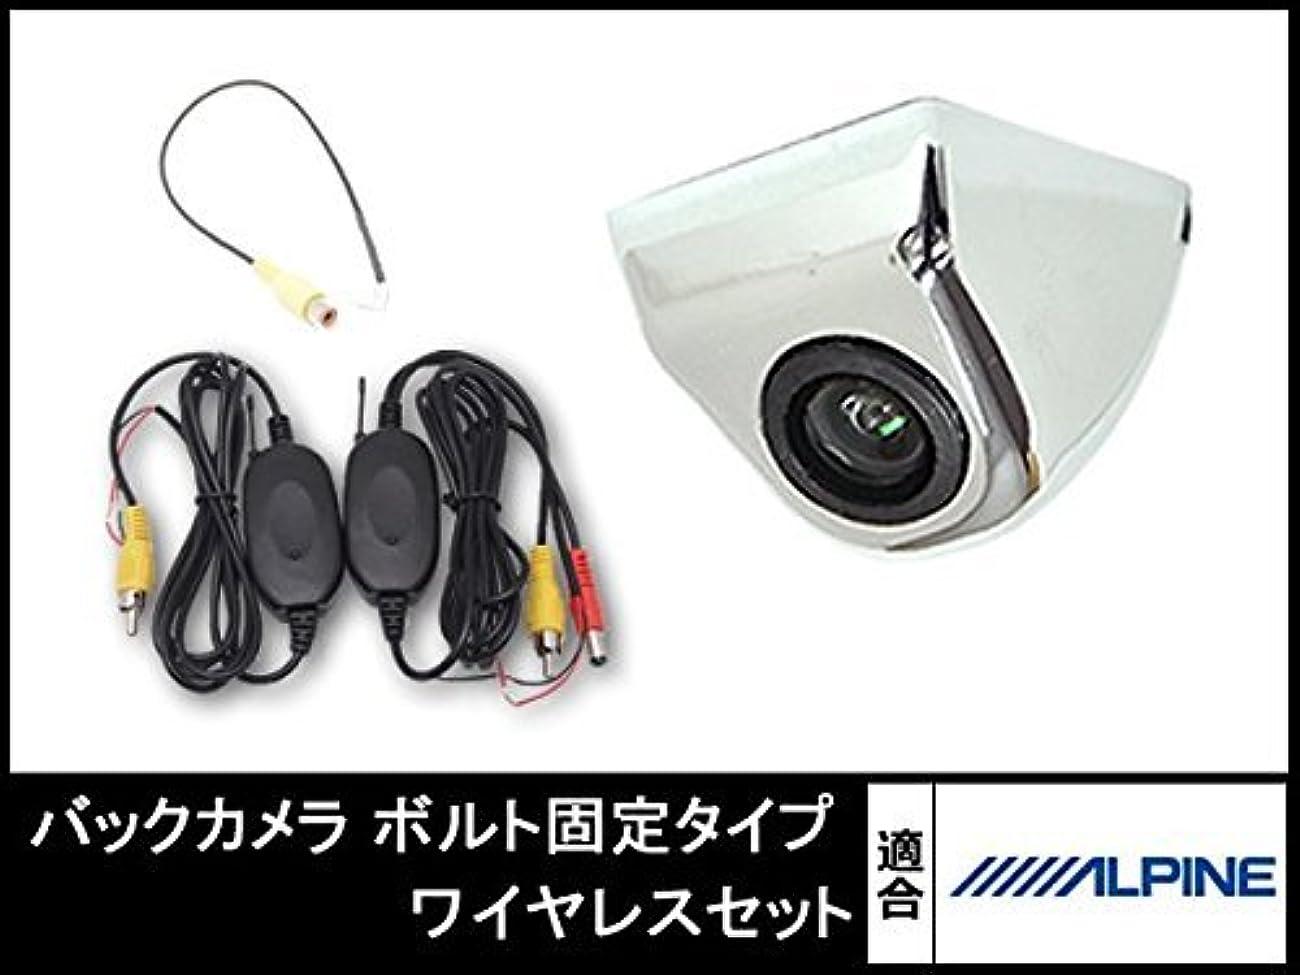 声を出してシミュレートする調整するワゴンR 専用設計ナビ X800-WR 対応 高画質 バックカメラ ボルト固定タイプ シルバー 車載用 広角170° 超高精細 CMOS センサー 【ワイヤレスキット付】